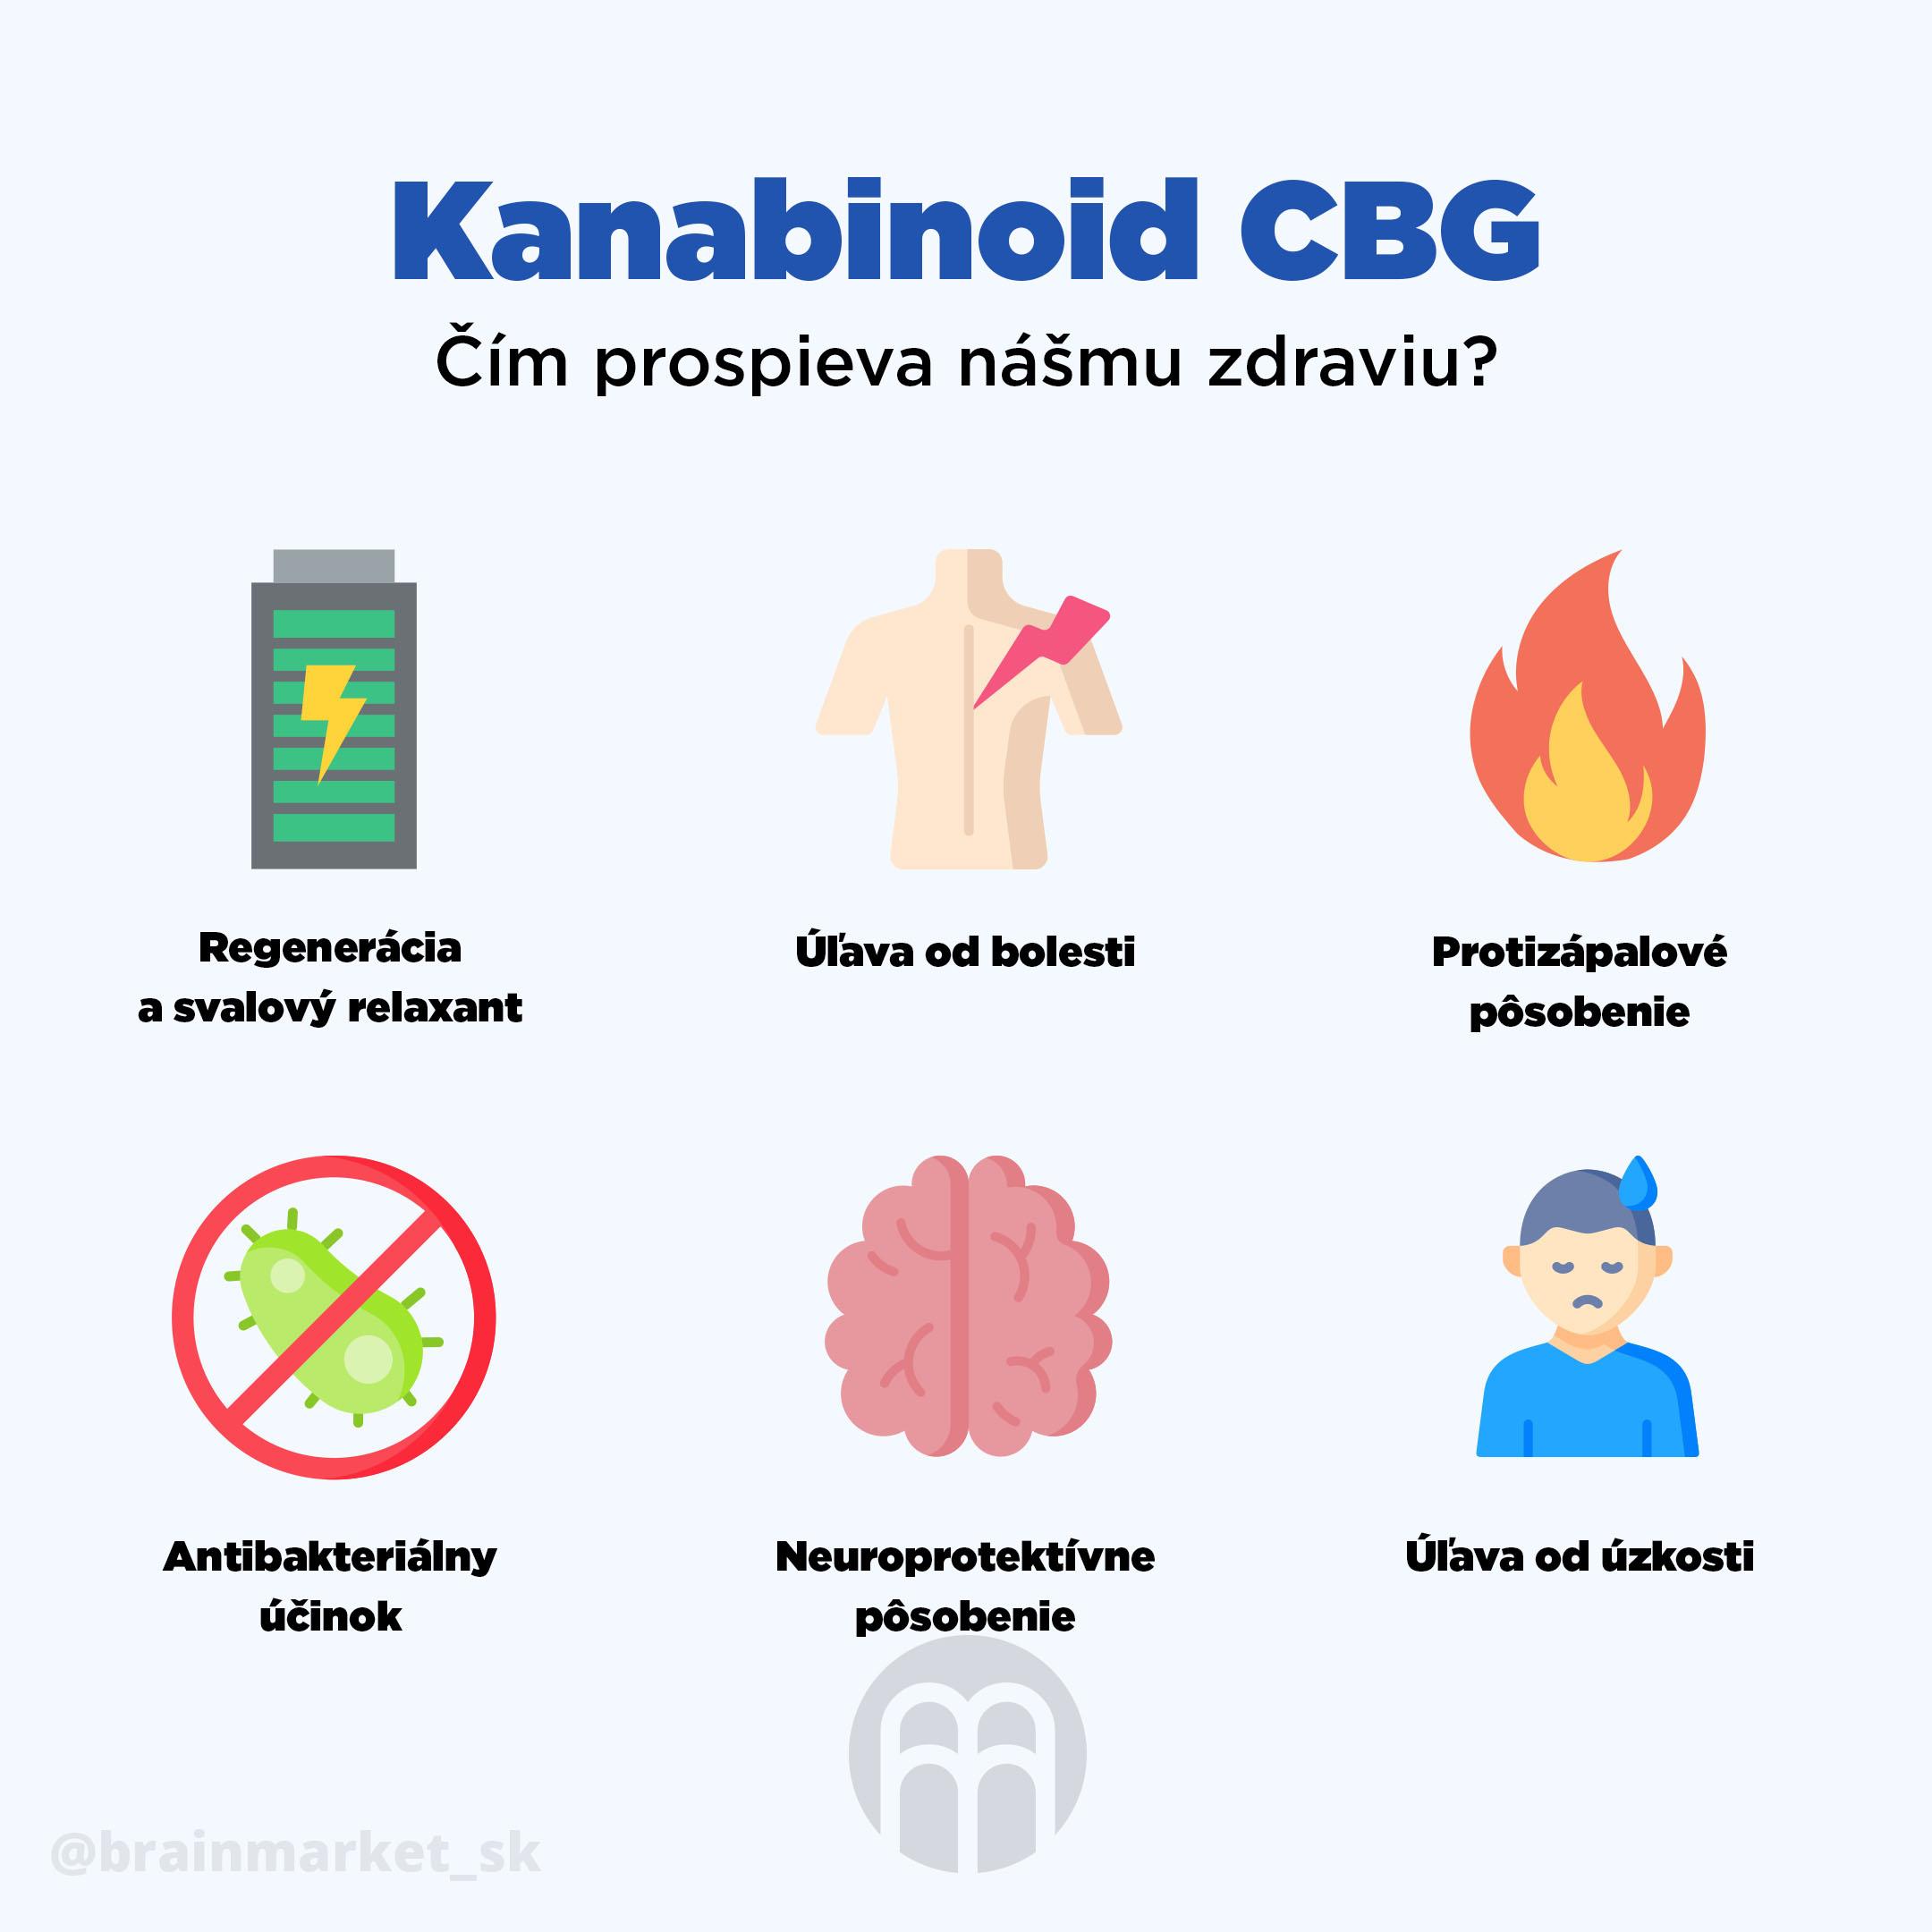 cbg-cim-prospiva-nasemu-zdravi-infografika-brainmarket-sk